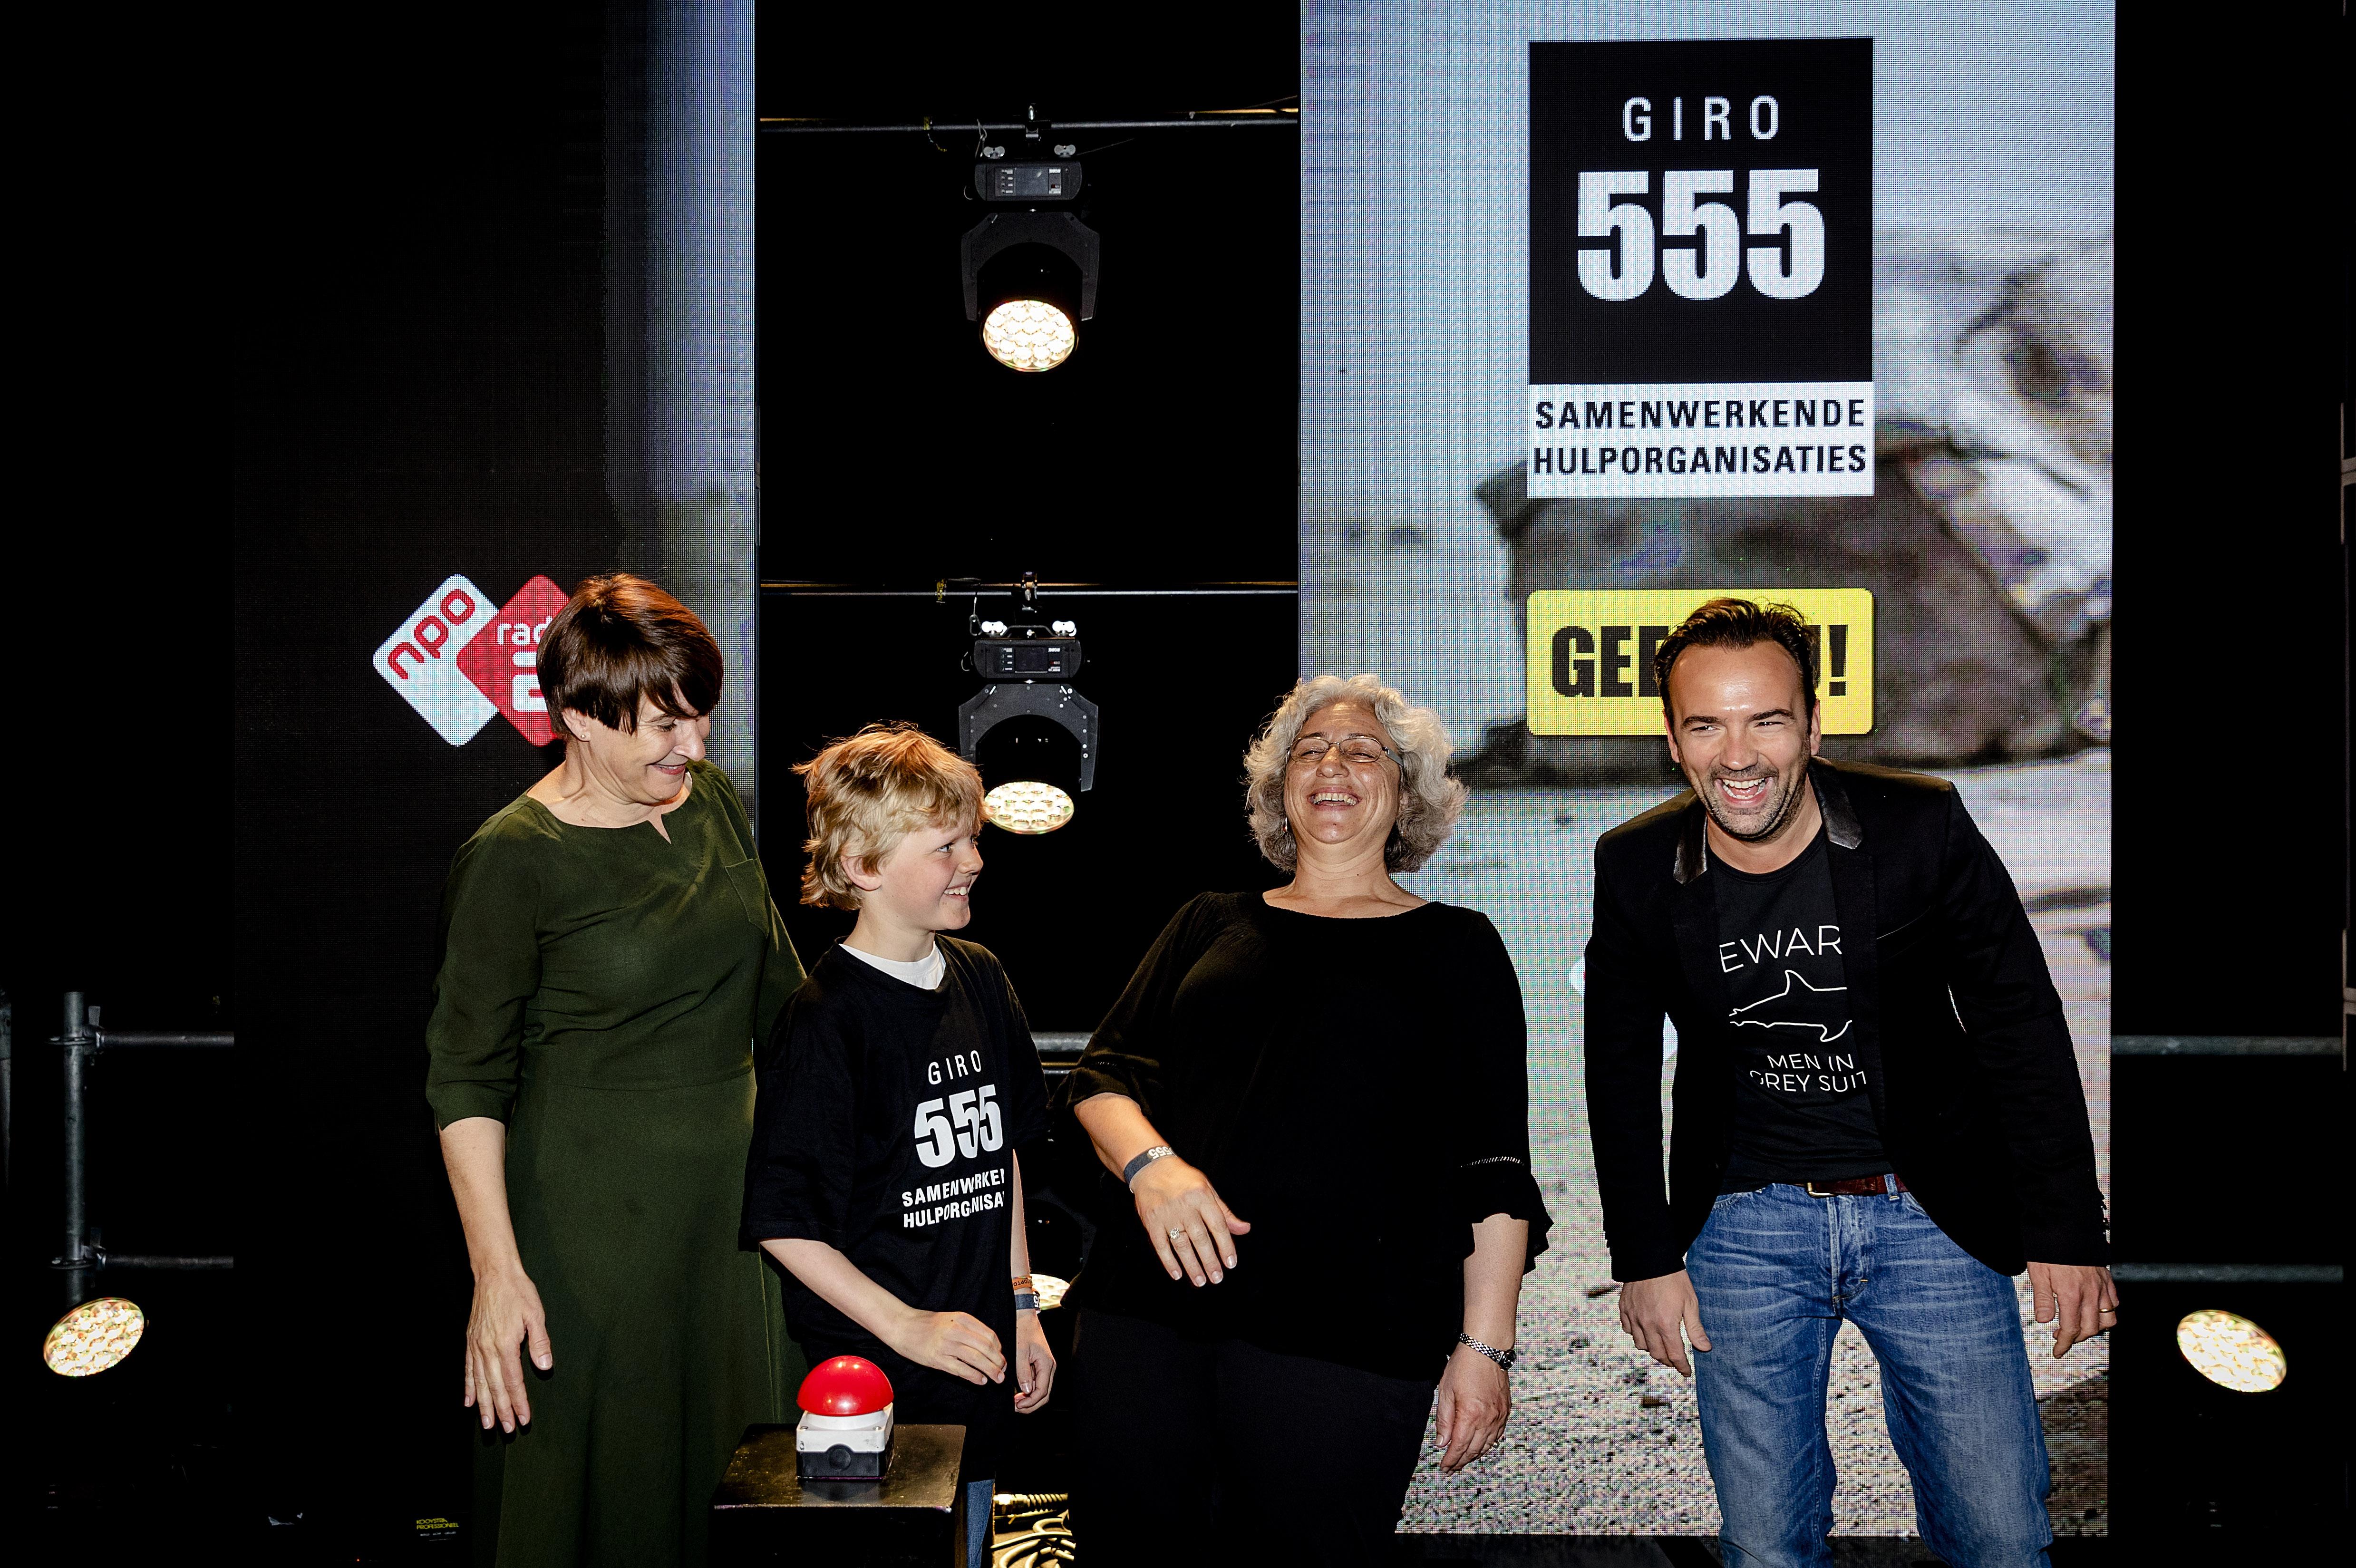 Zo steunen de BN'ers Giro555